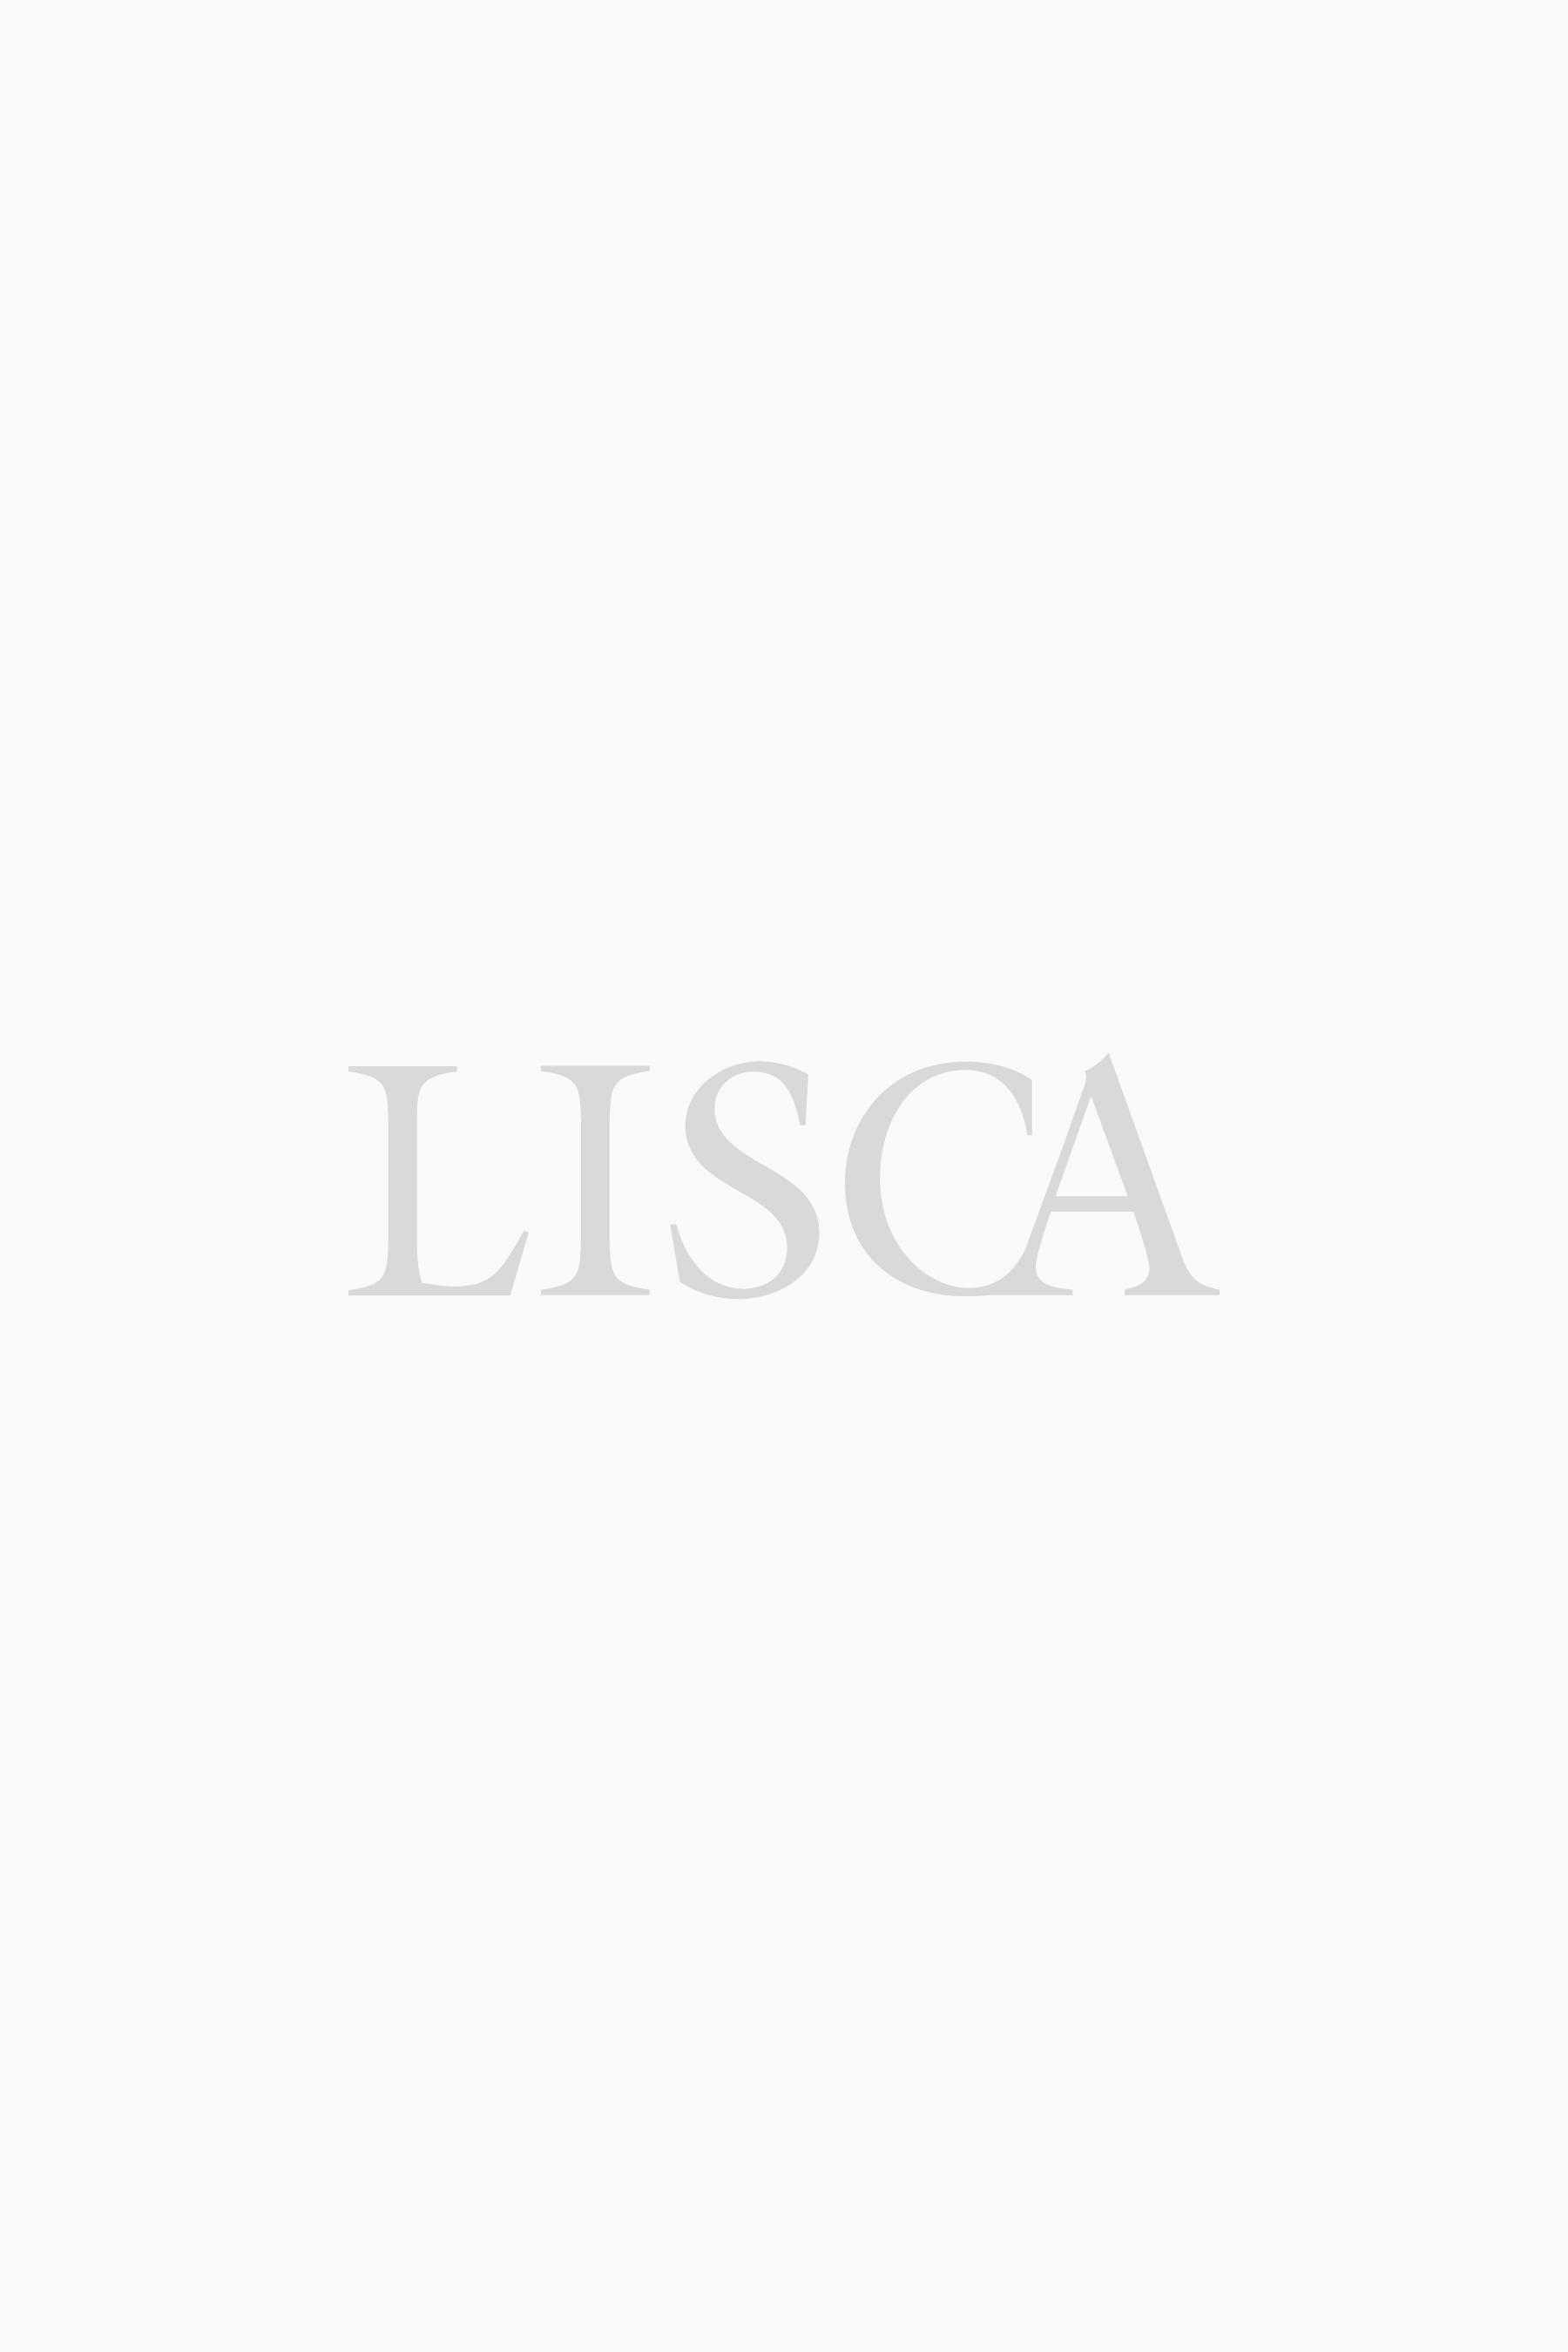 Jednodijelni kupaći kostim s pjenastim košaricama bez žice »Jakarta«